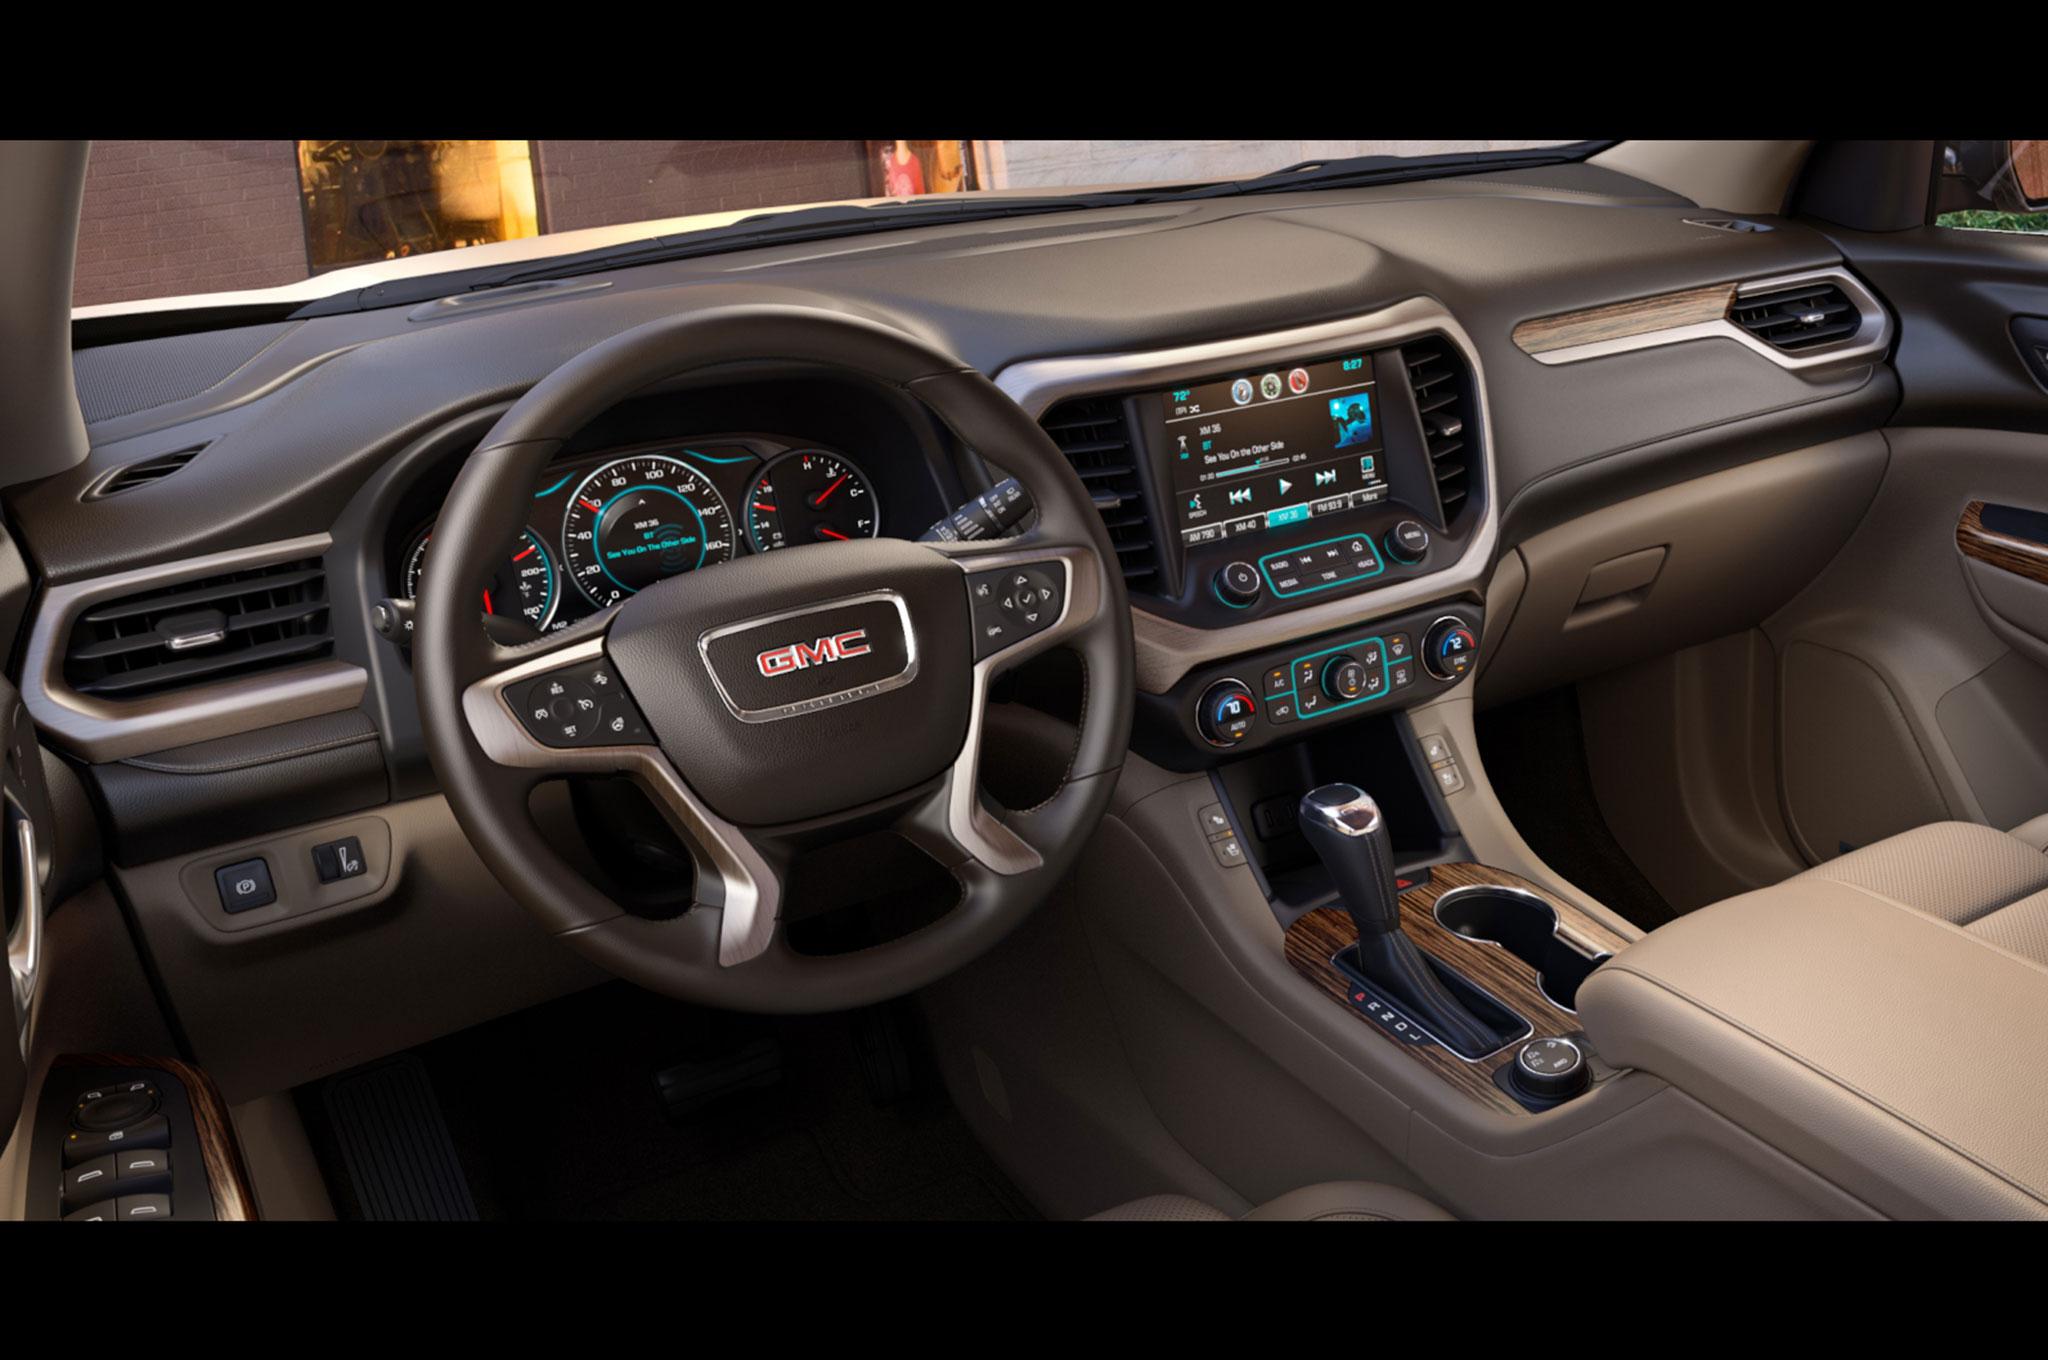 2017-GMC-Acadia-Denali-interior-1 - Motor Trend en Español